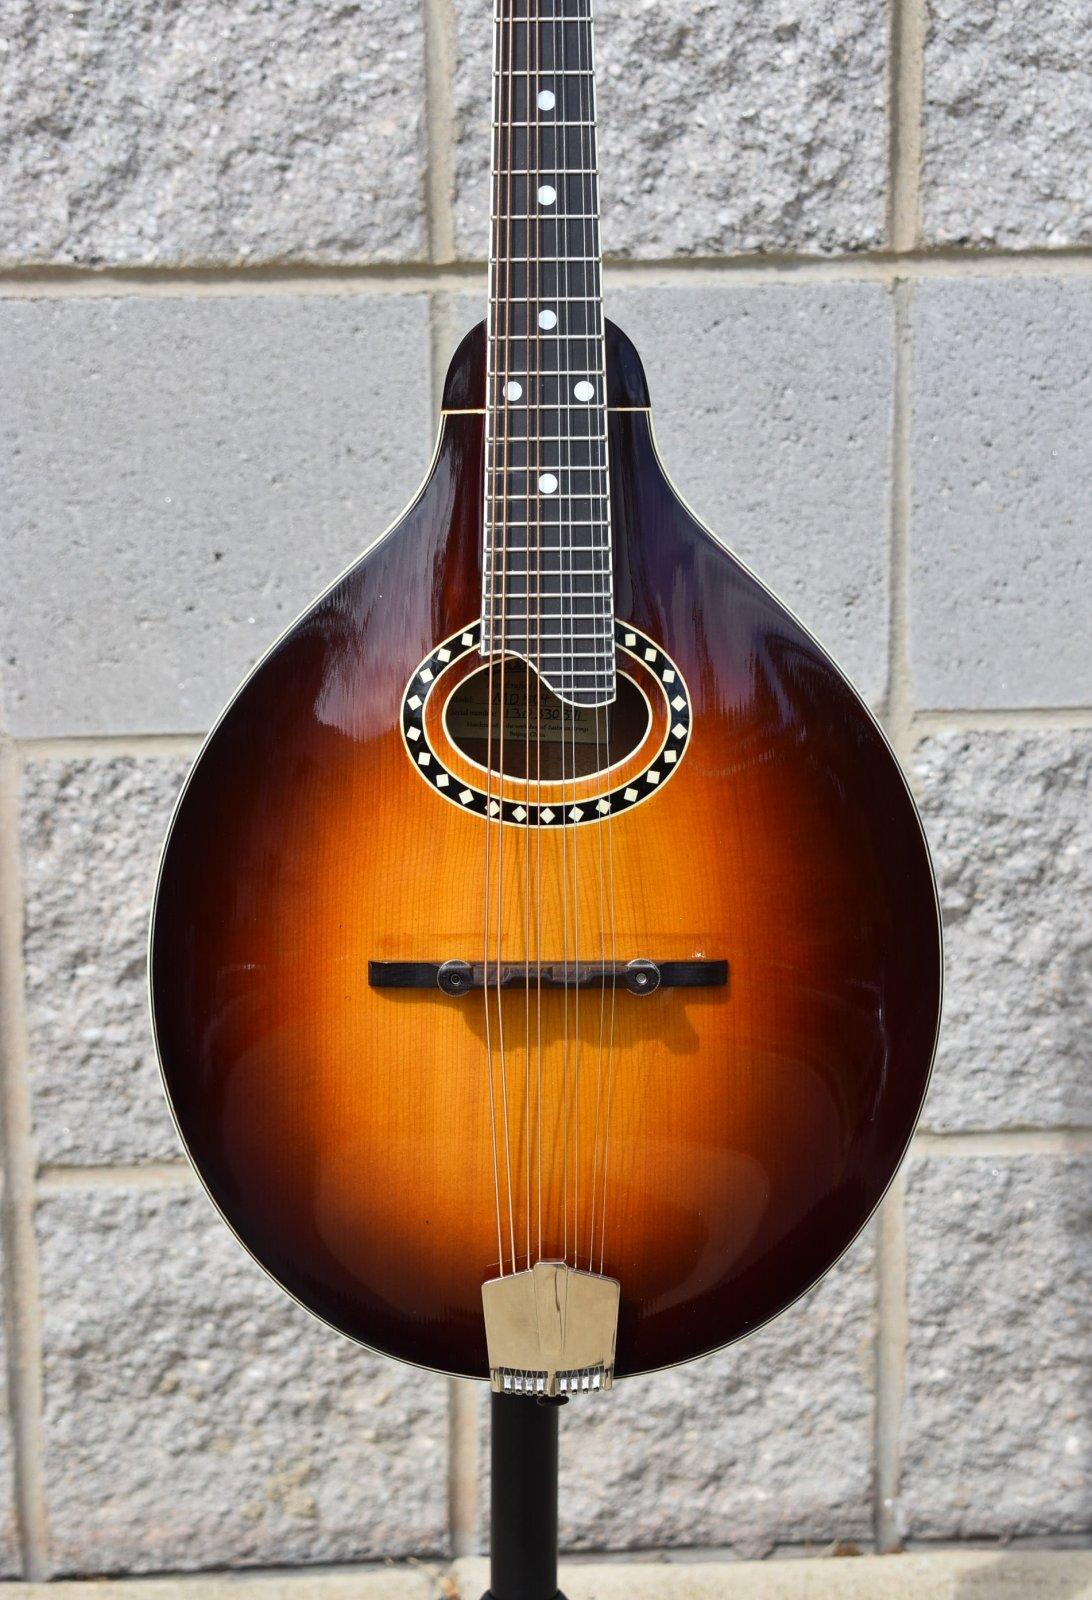 2013 Eastman MD504 Mandolin